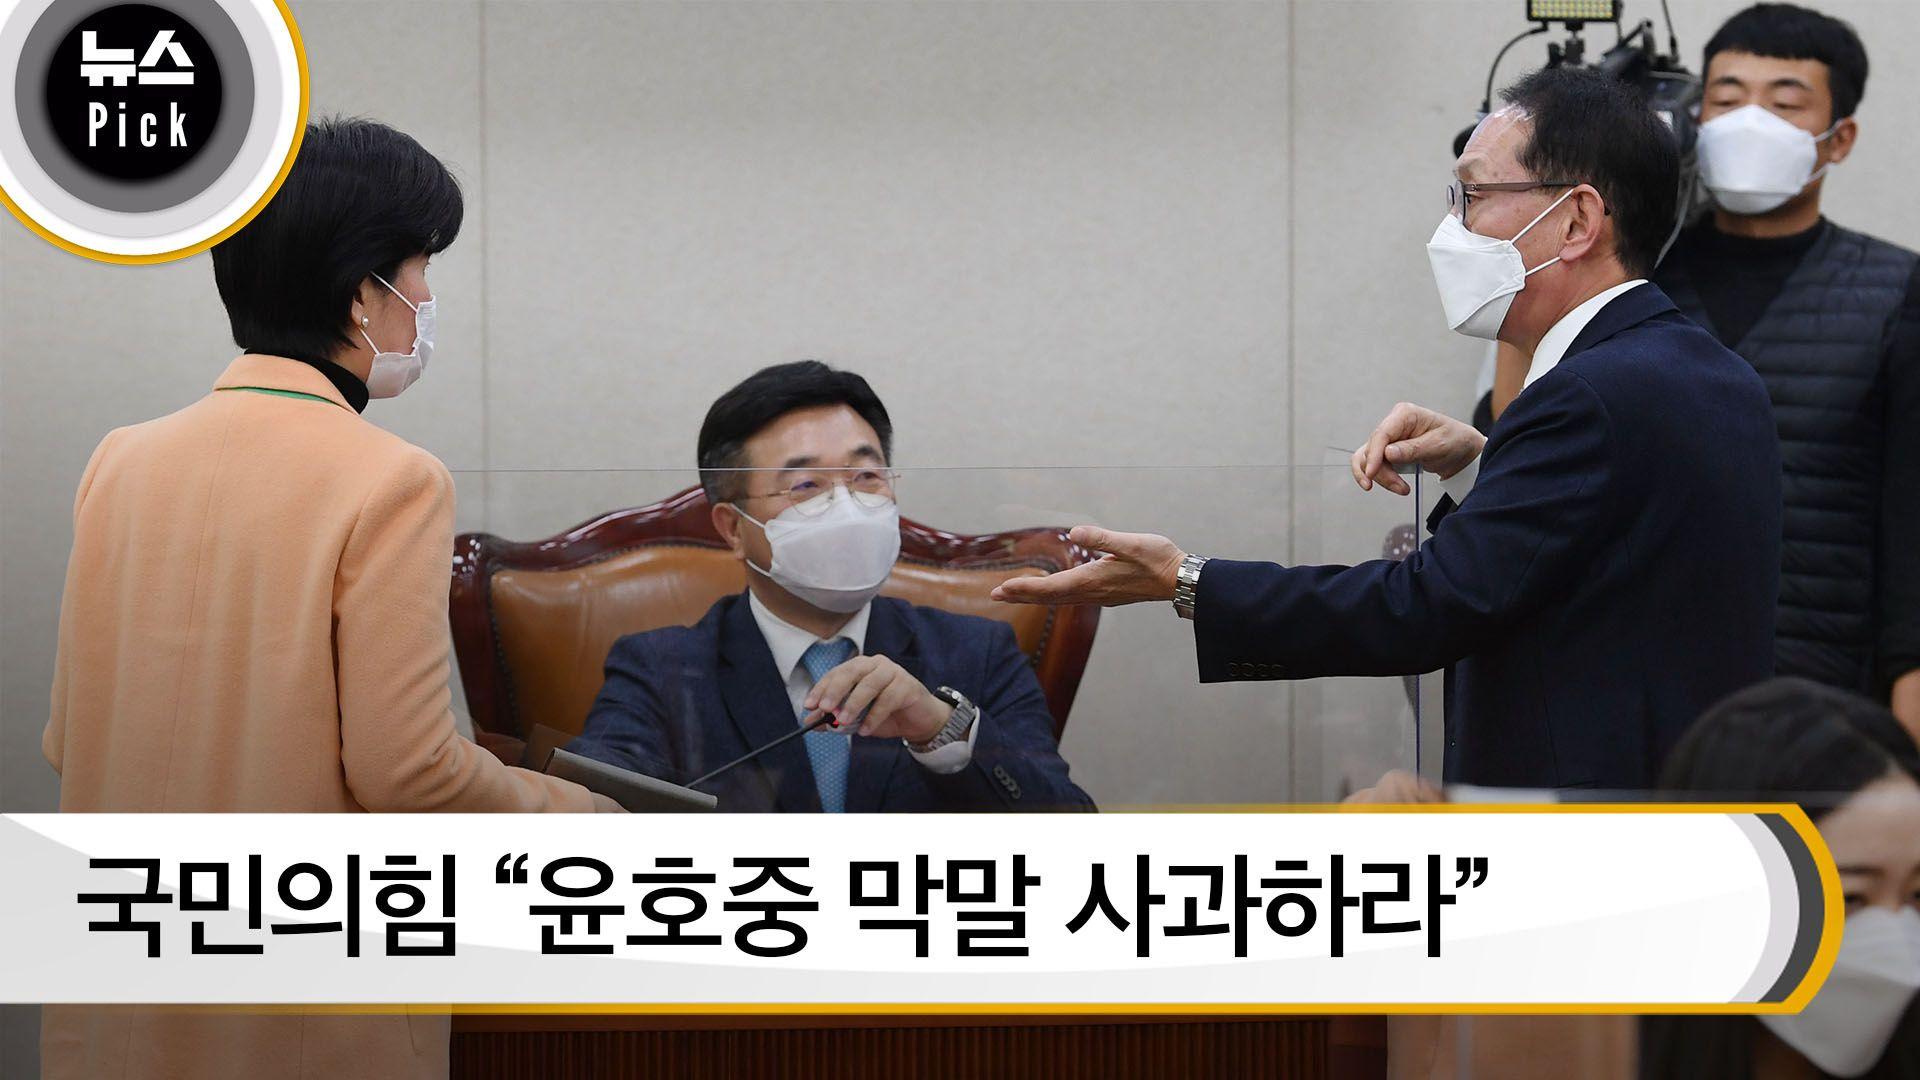 """[뉴스픽] 국민의힘 """"윤호중 막말 사과하라"""""""